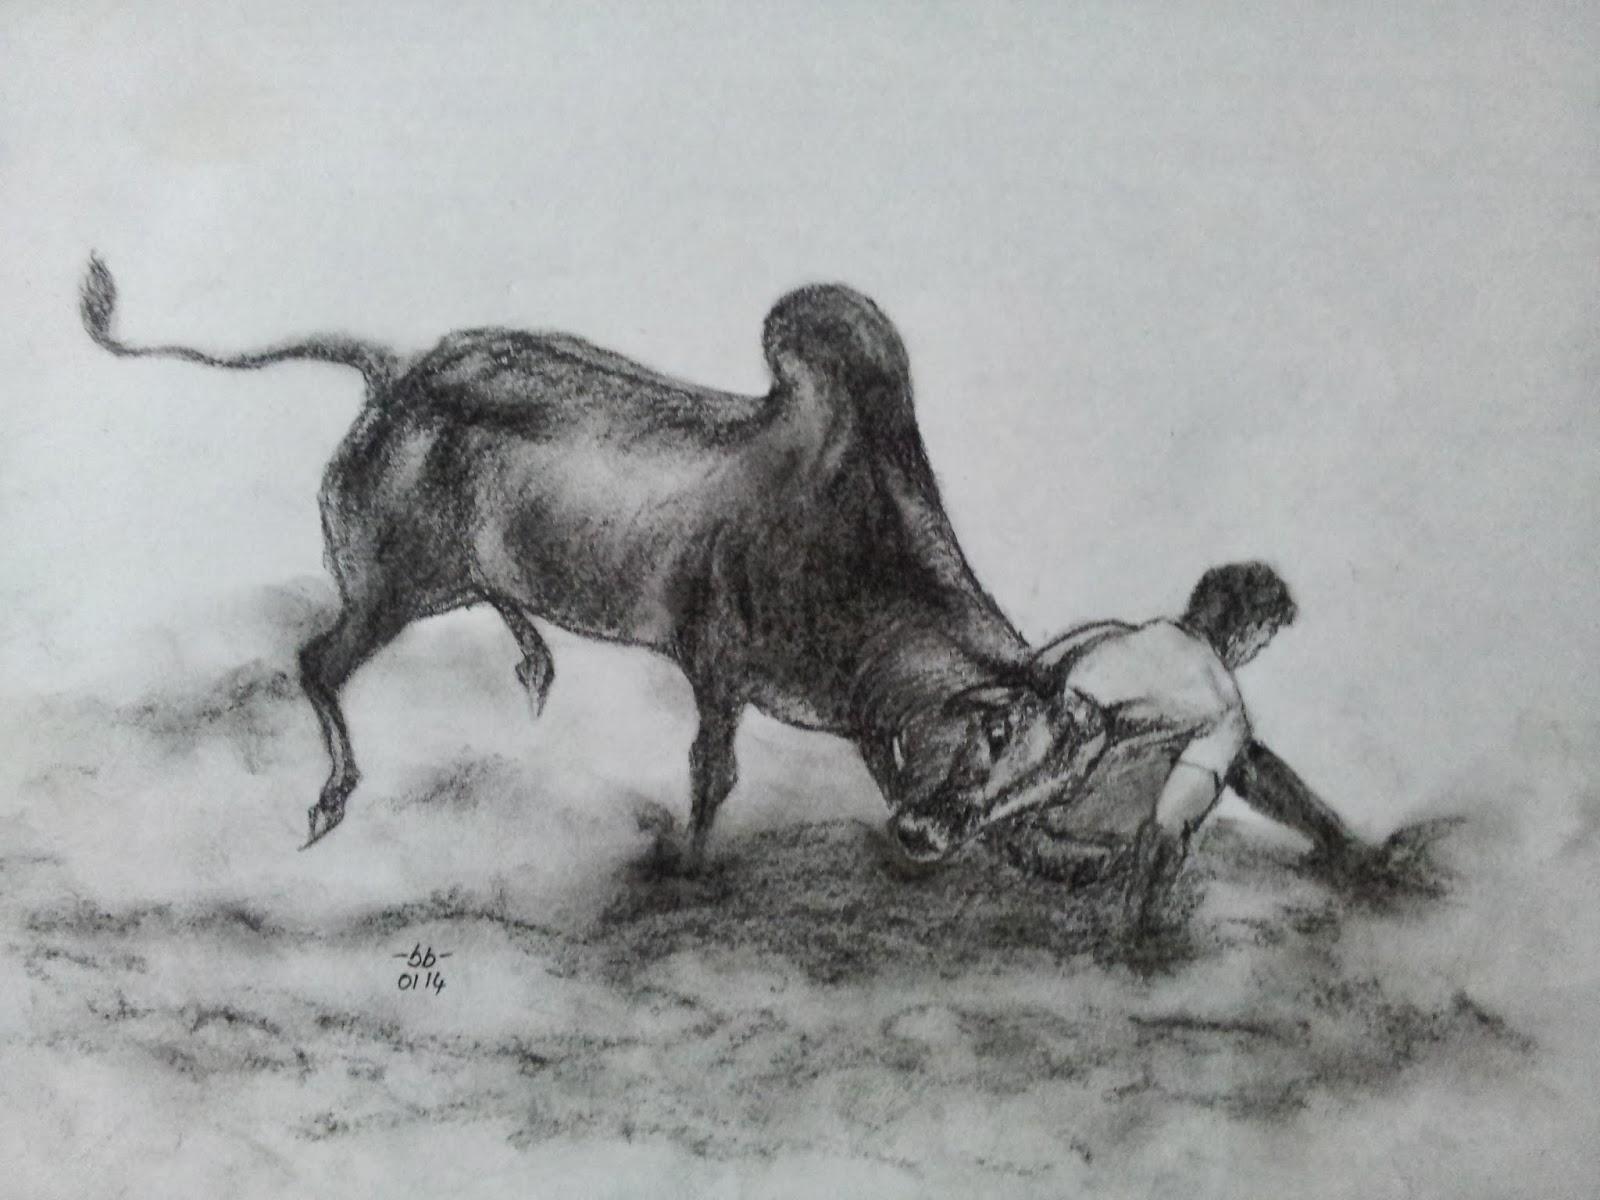 ஜல்லிக்கட்டு